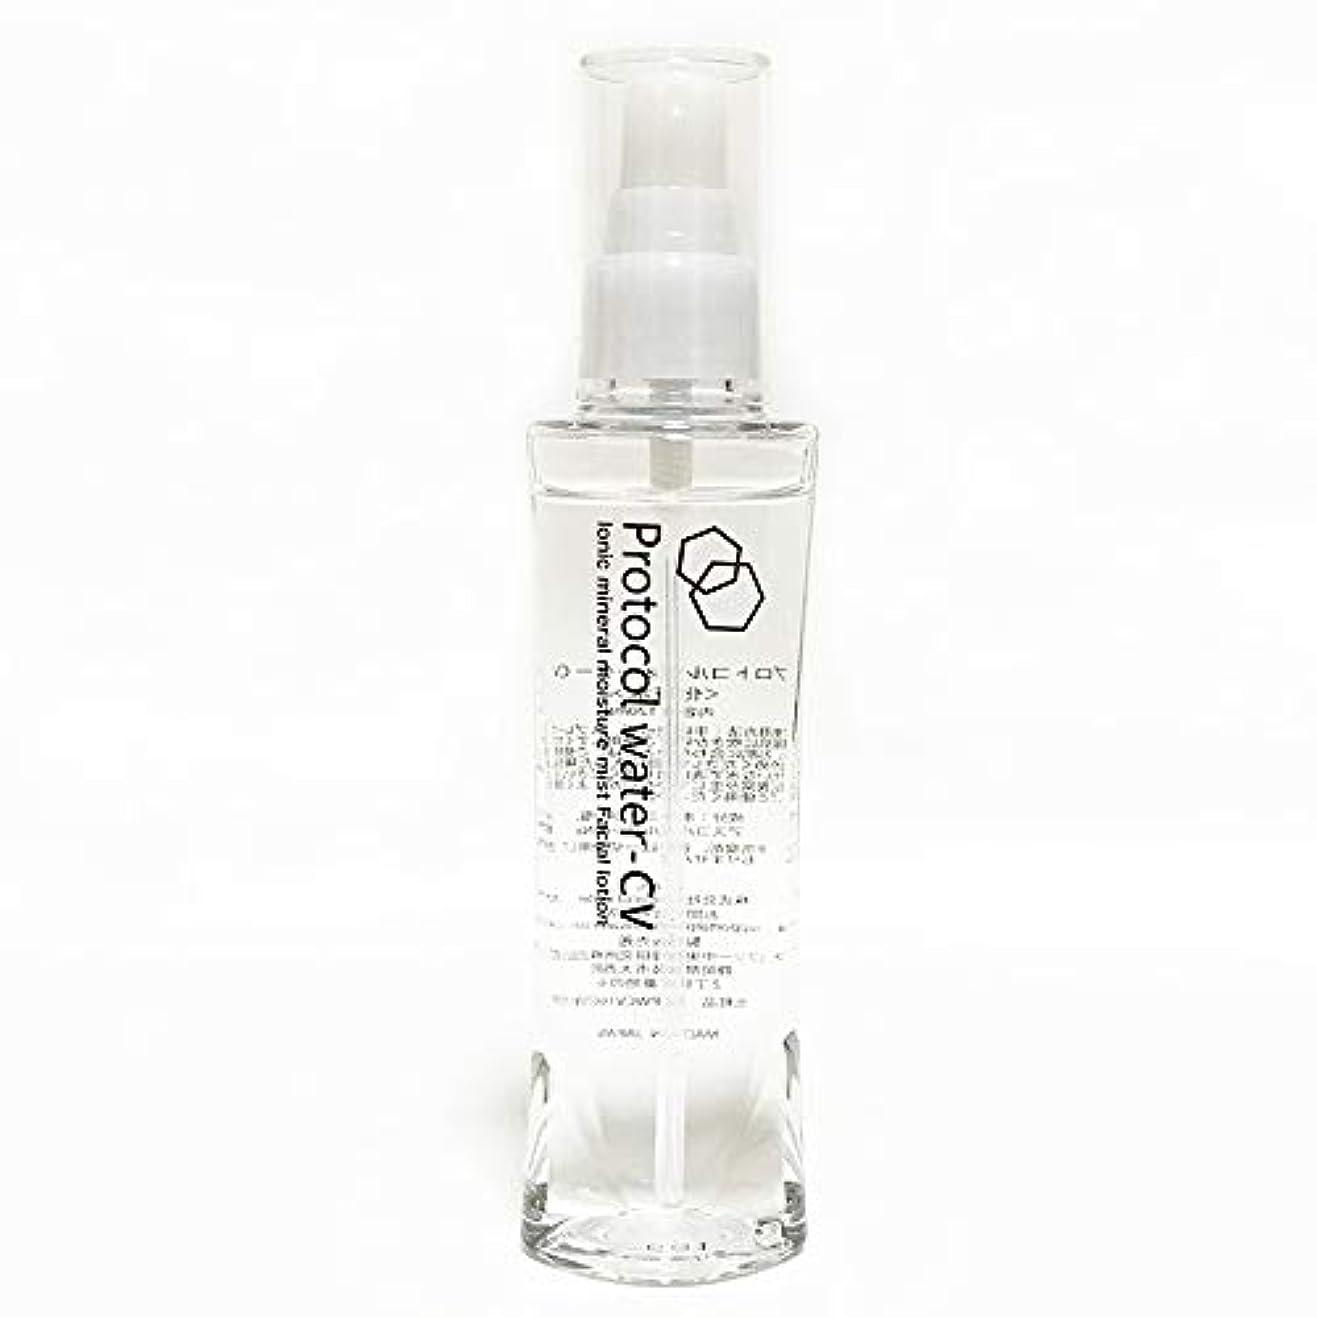 プロトコルウォーターCV オーガニック 防腐剤フリー 無香料 マイナスイオン化粧水 H2O&ミネラル塩+ビタミンC誘導体配合 120ml